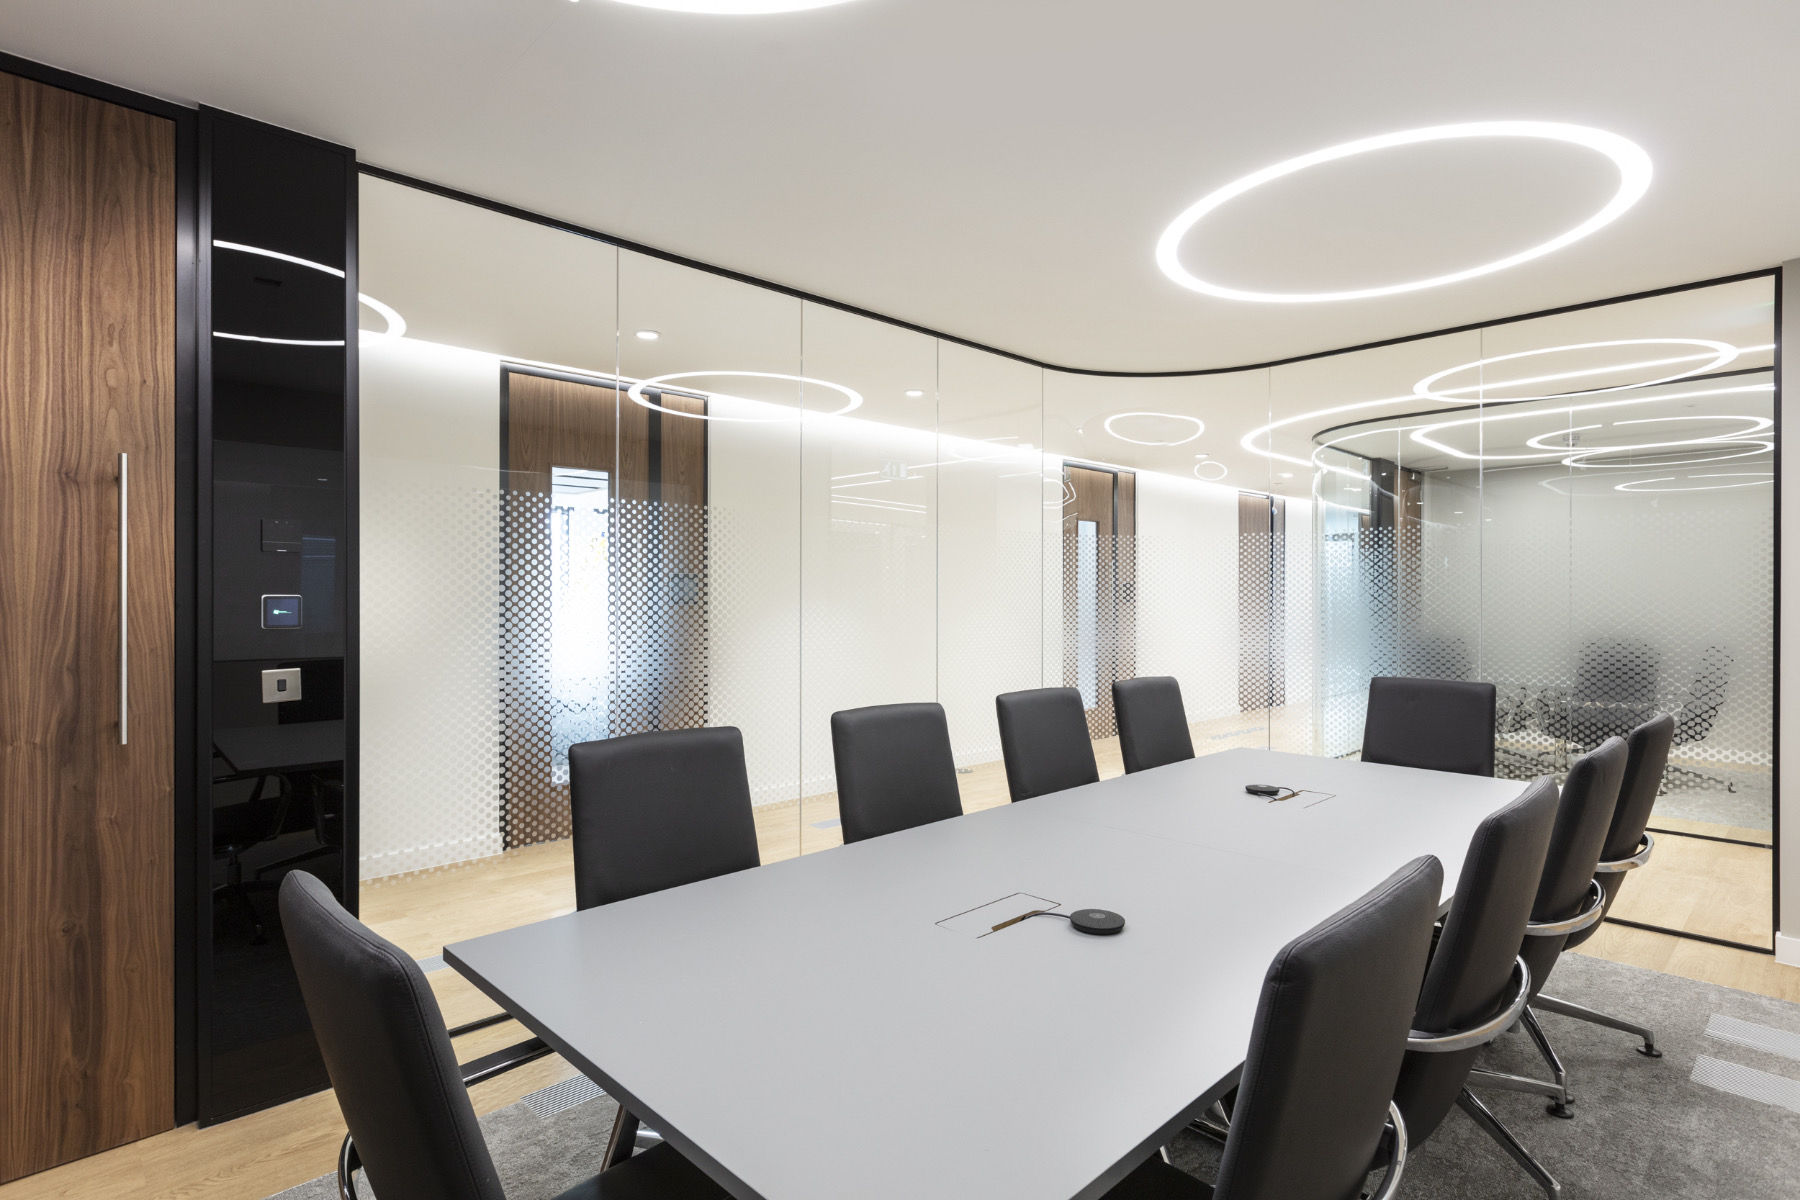 ais-office-london-12